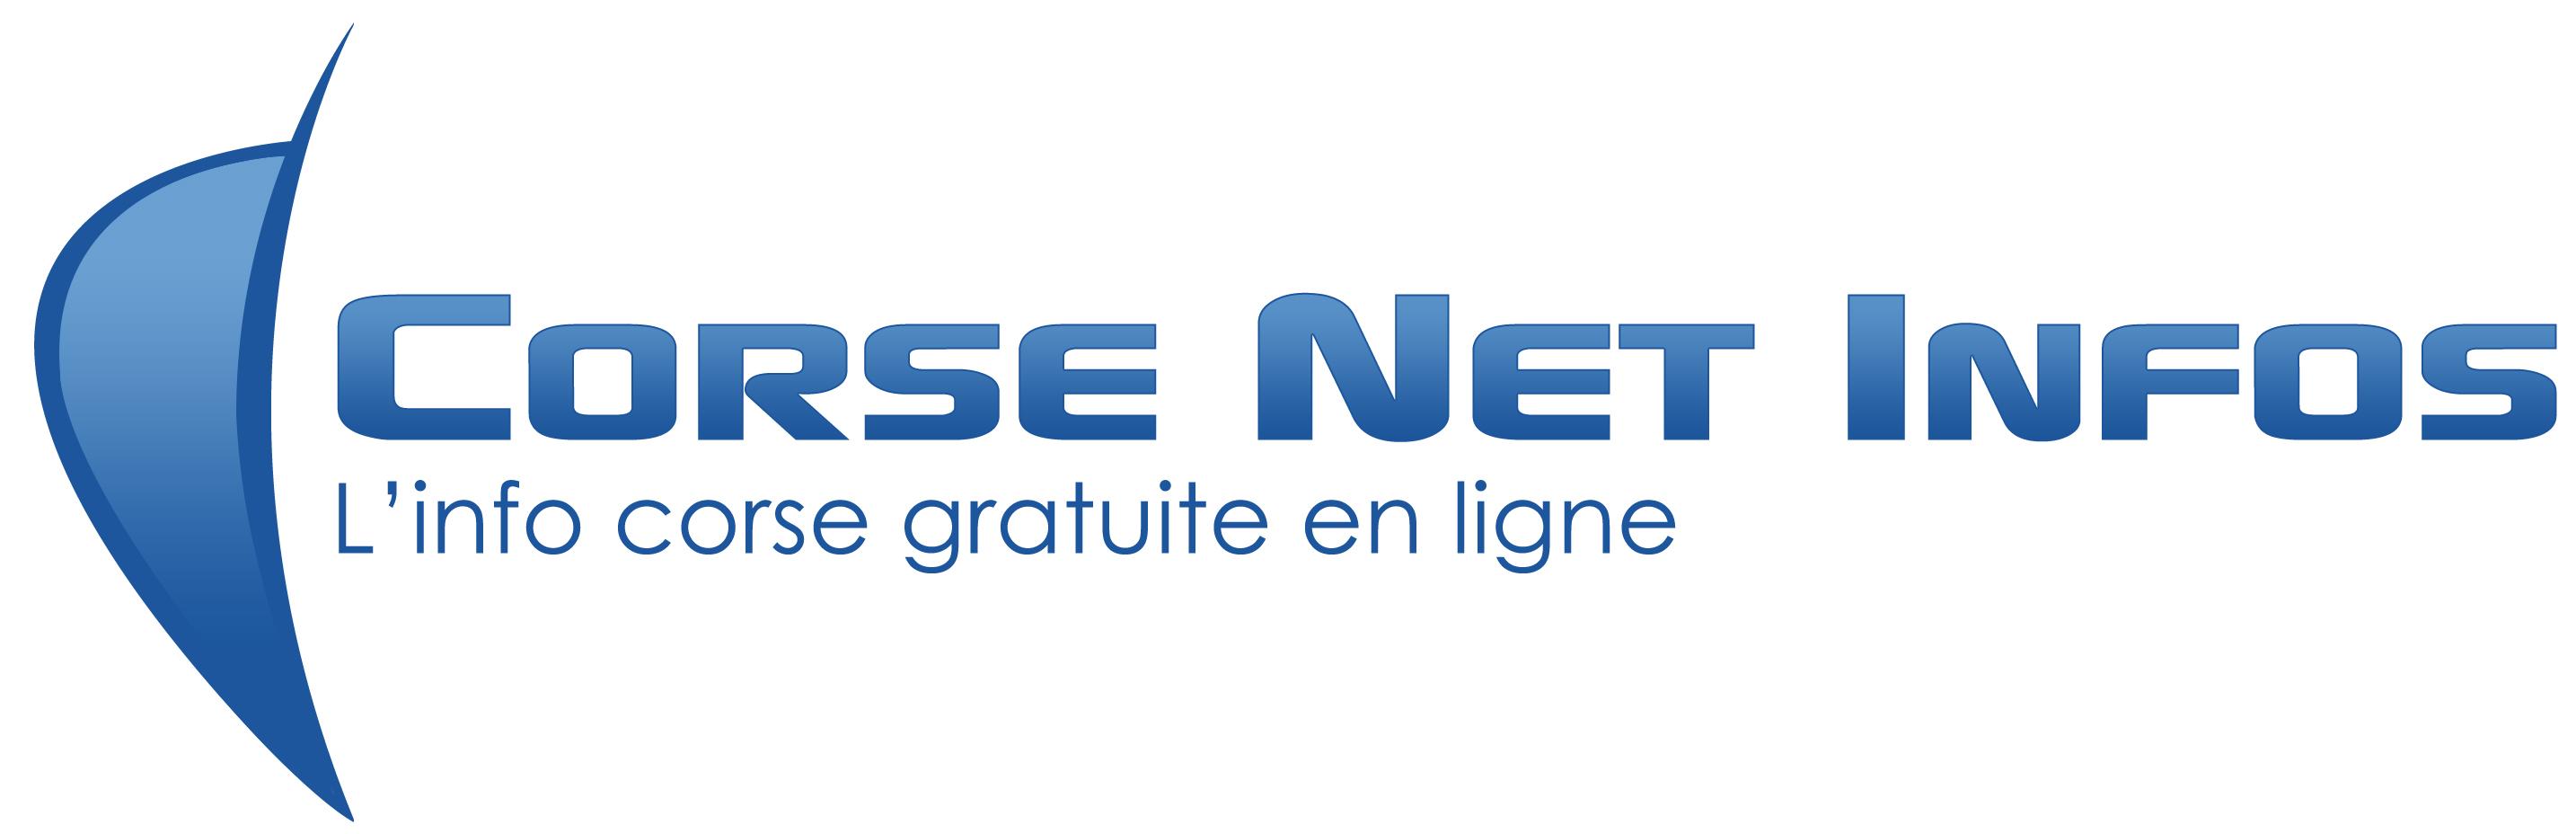 Imaginez le nouveau logo de Corse Net Infos